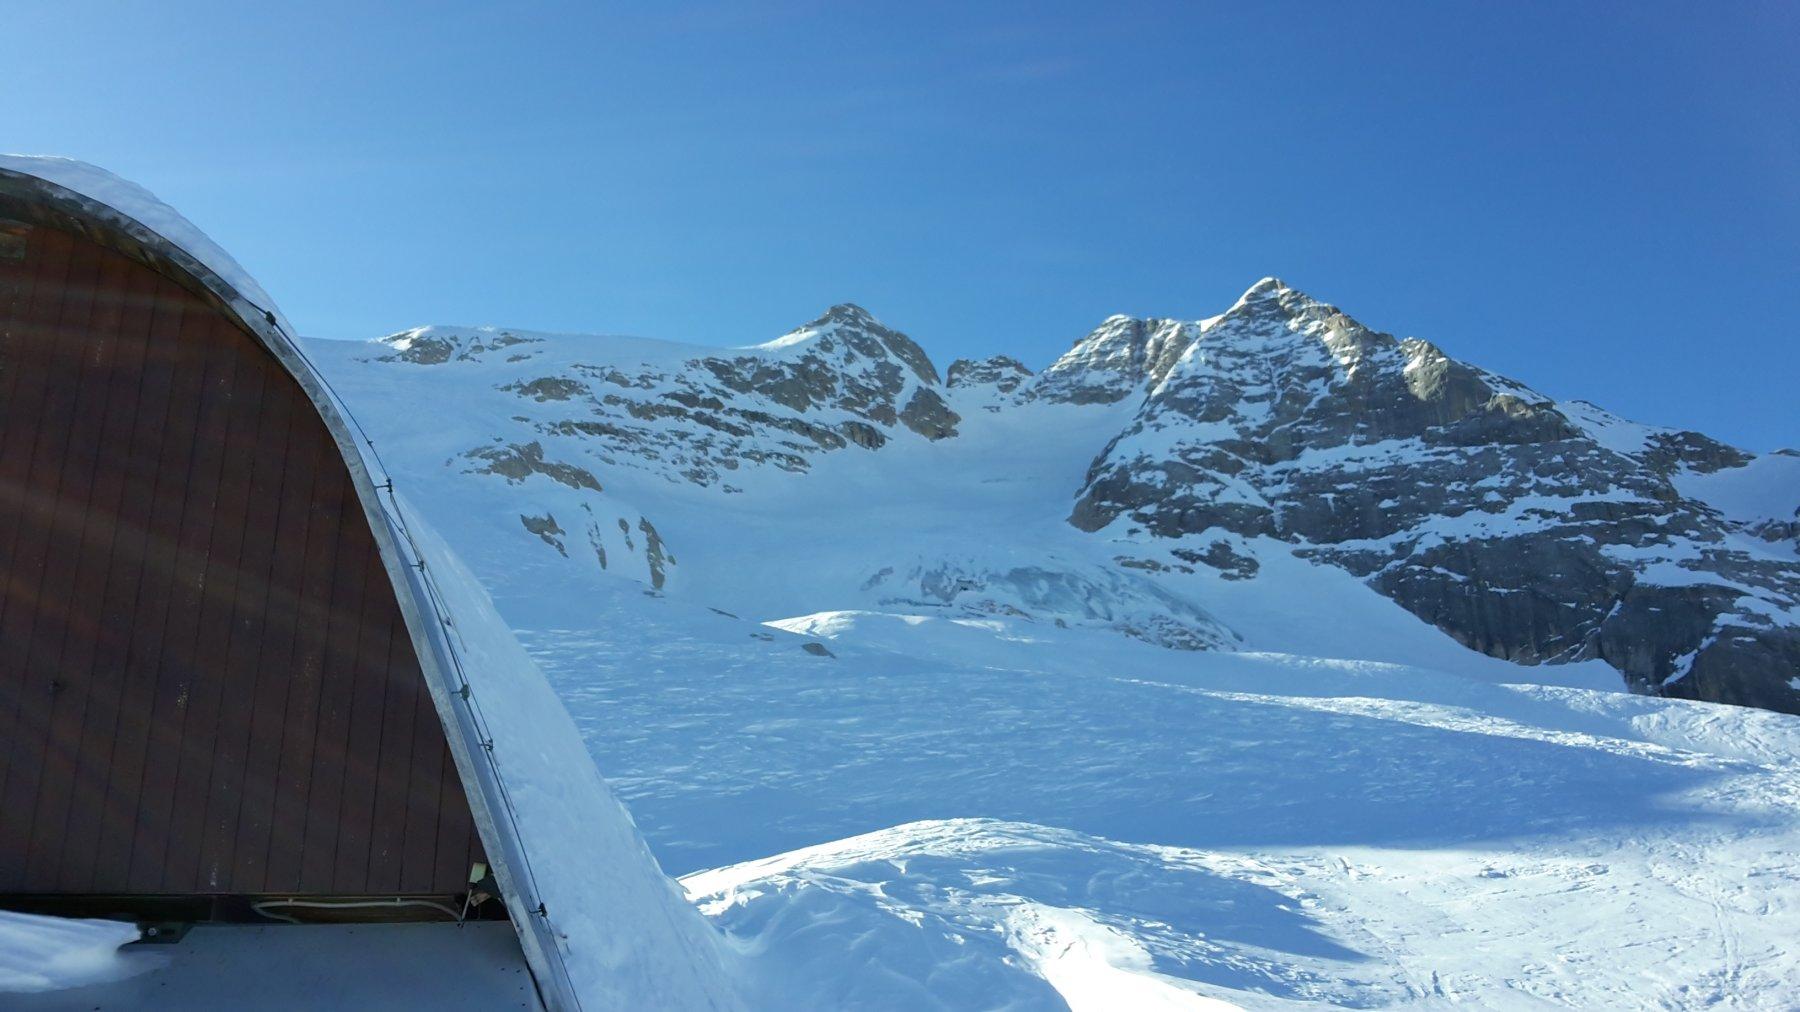 le punte Rocca e Penia, con la pancia del ghiacciaio non coperta di neve